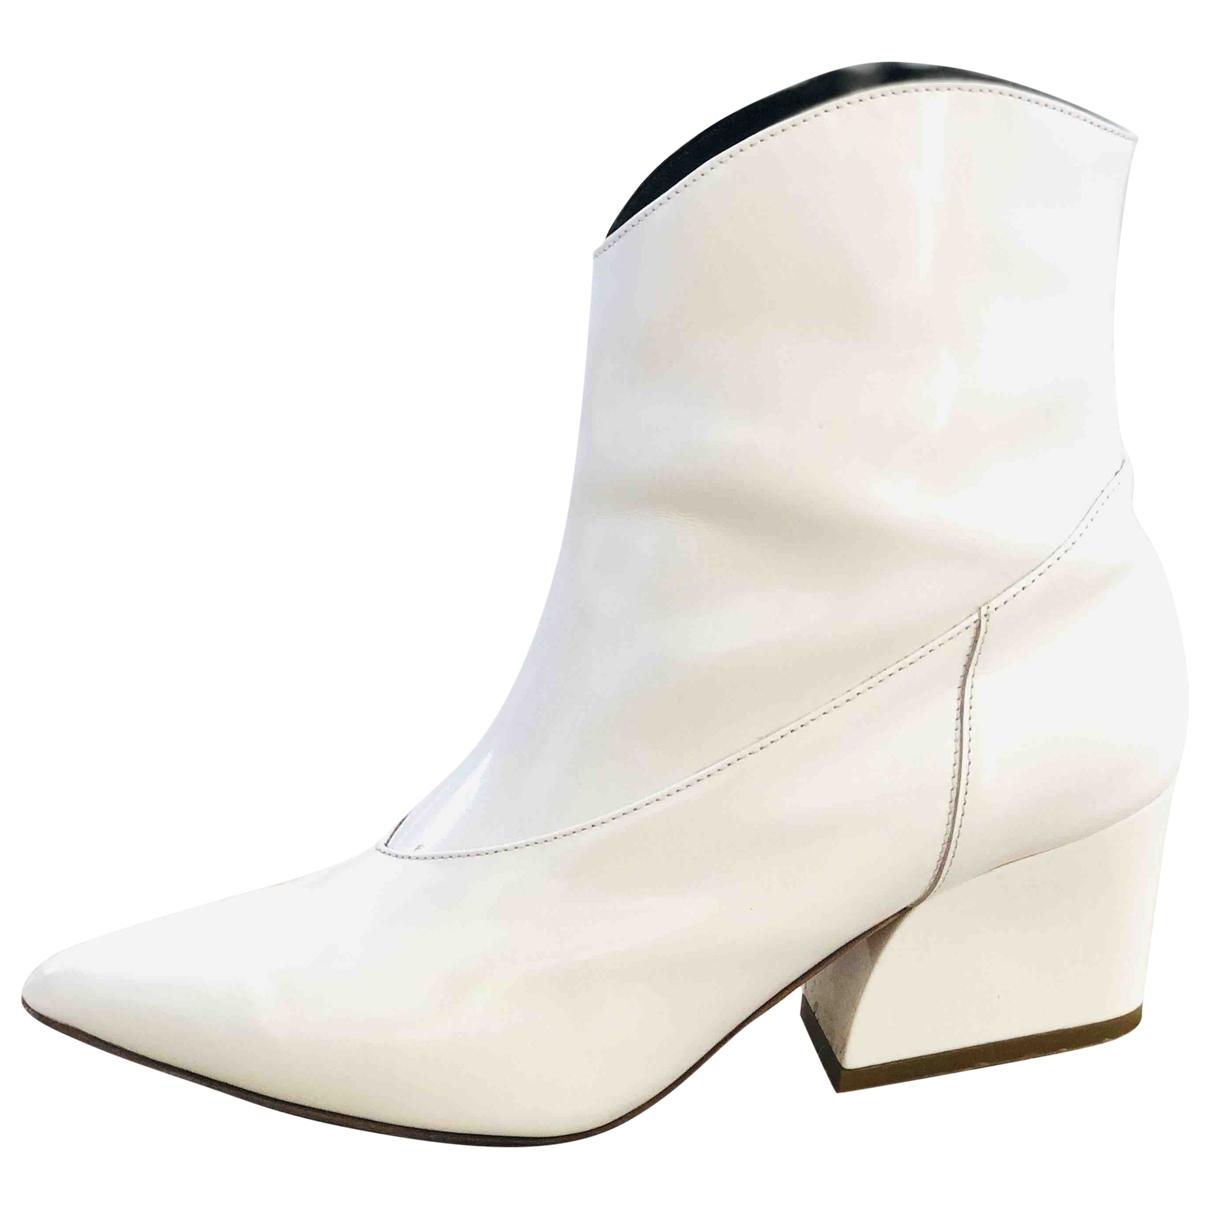 Tibi - Boots   pour femme en cuir verni - blanc